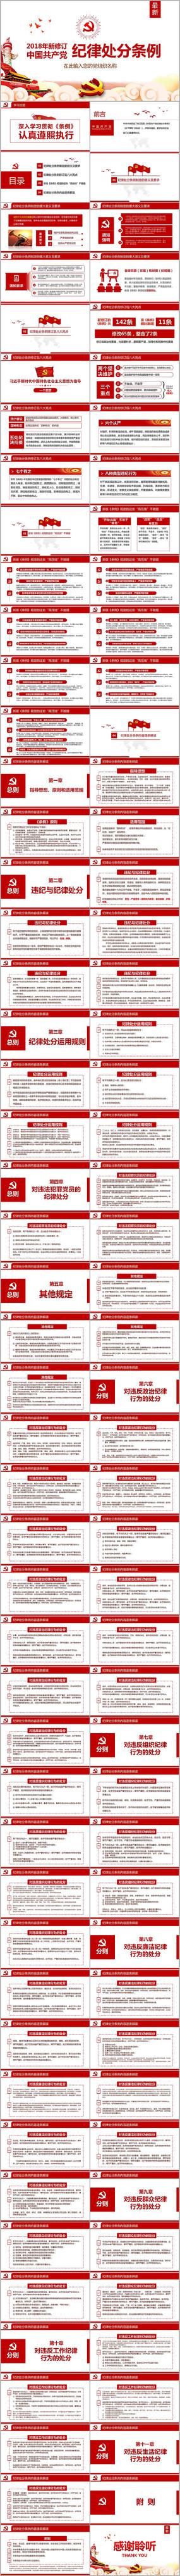 新修订中国共产党纪律处分条例PPT ppt